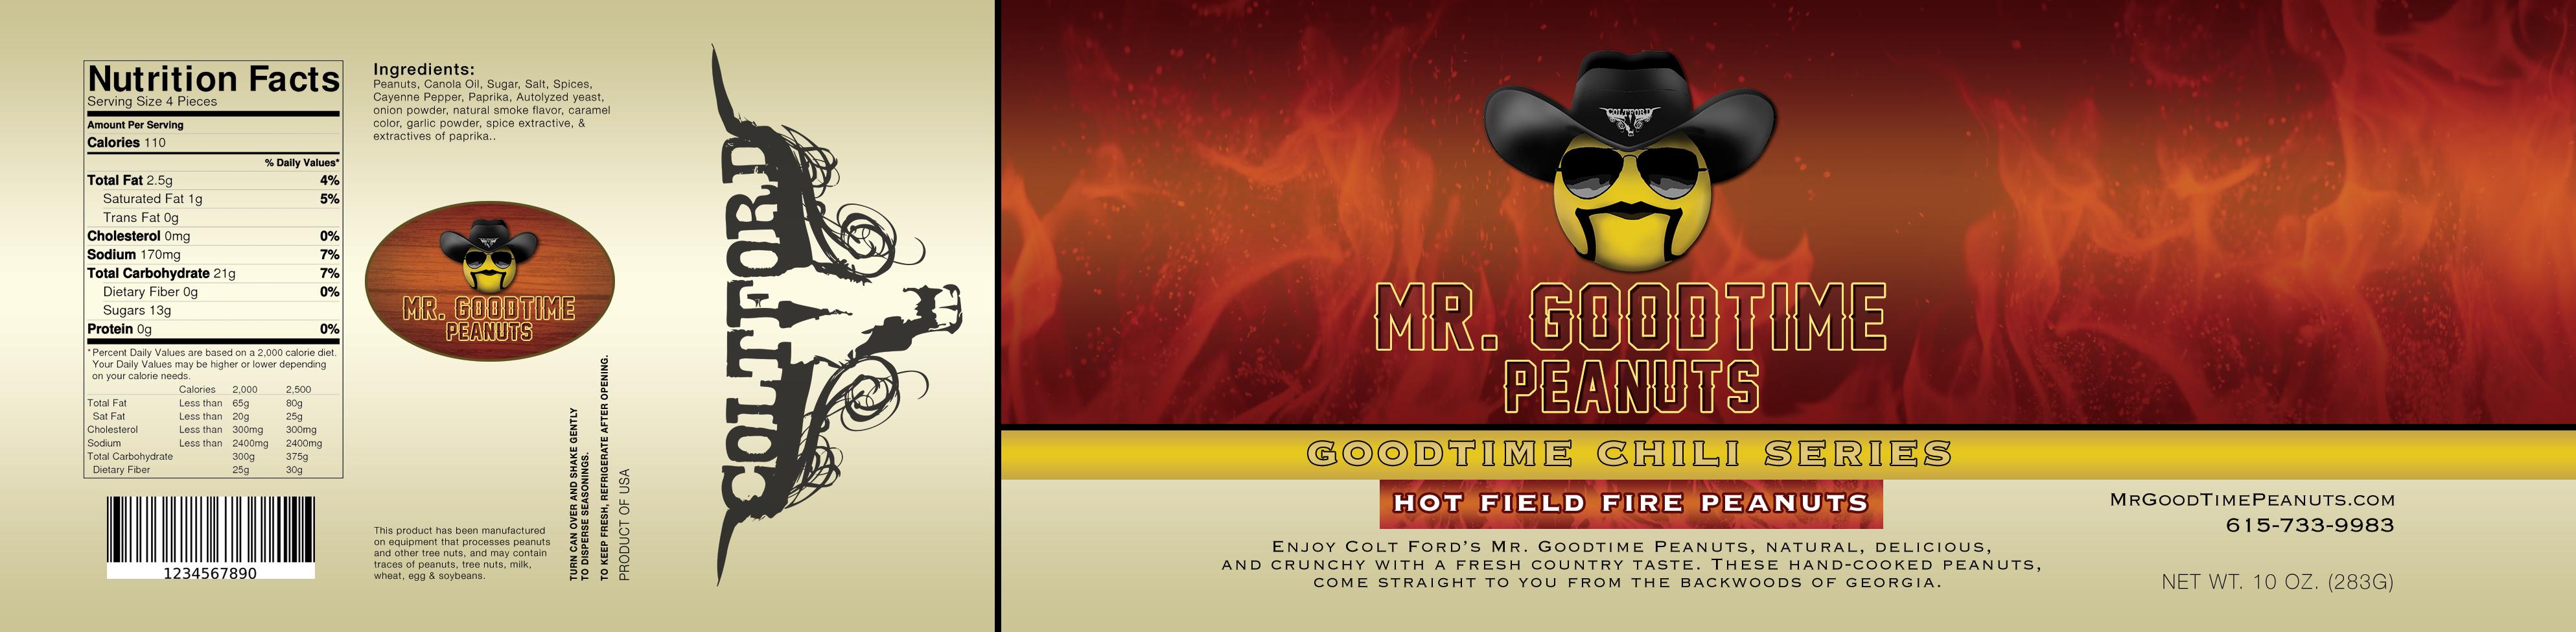 Mr. Gootime Peanuts Hot Field Fire